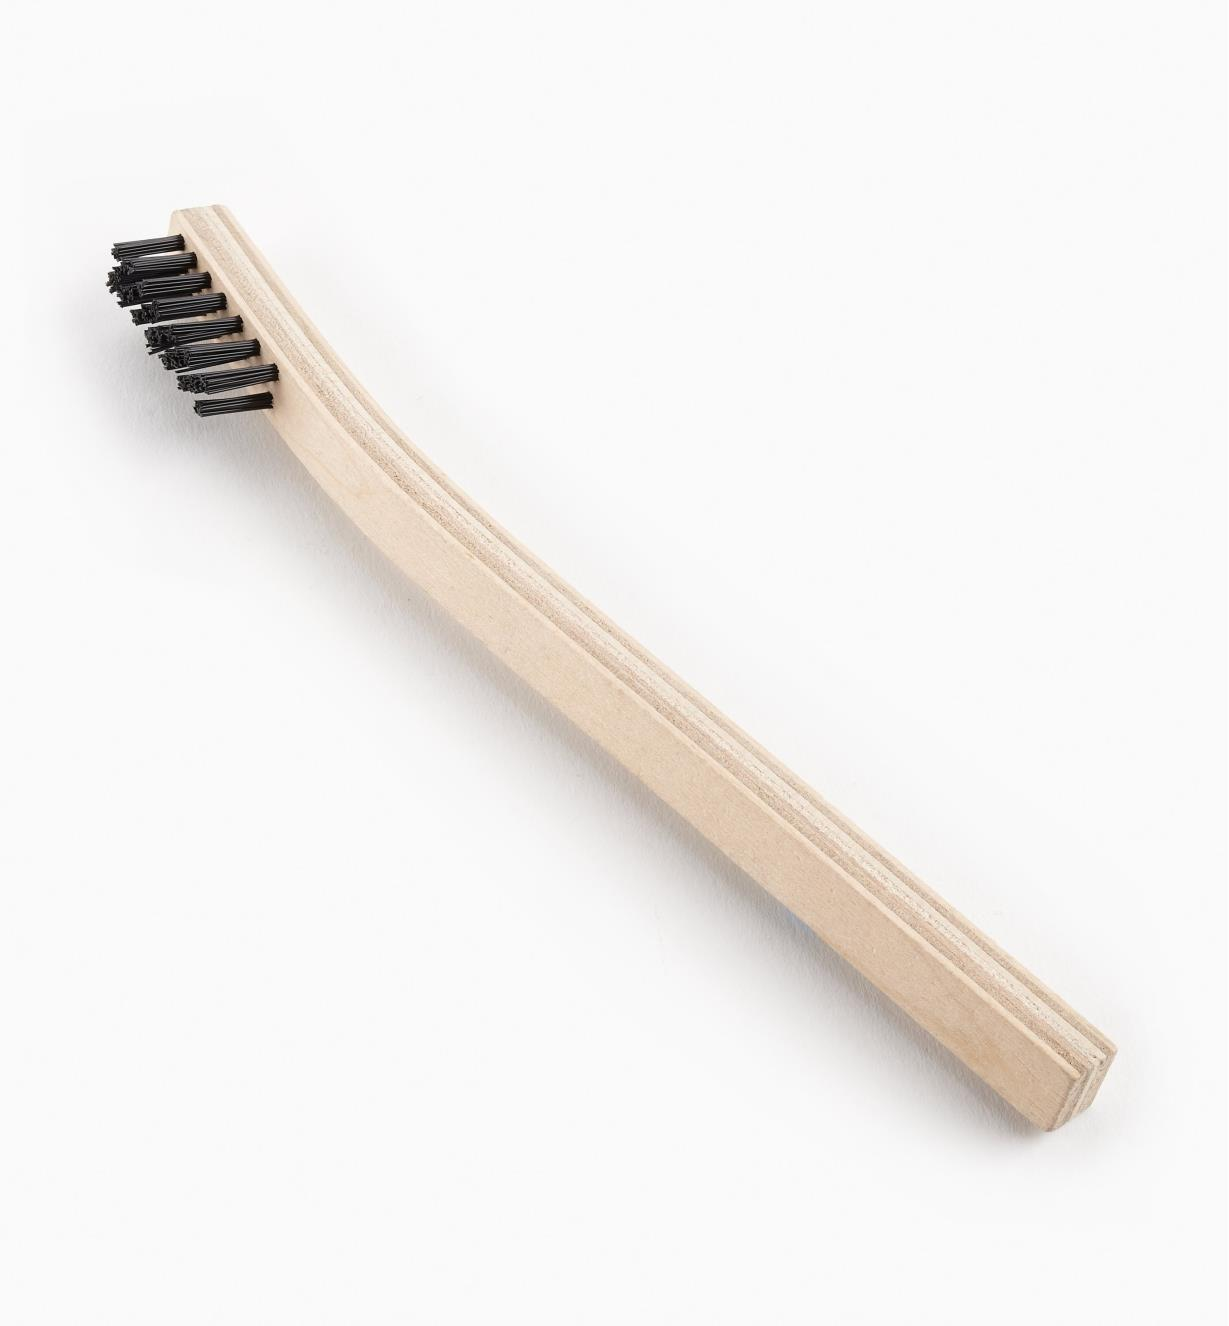 83K0903 - Brosse à poils en nylon